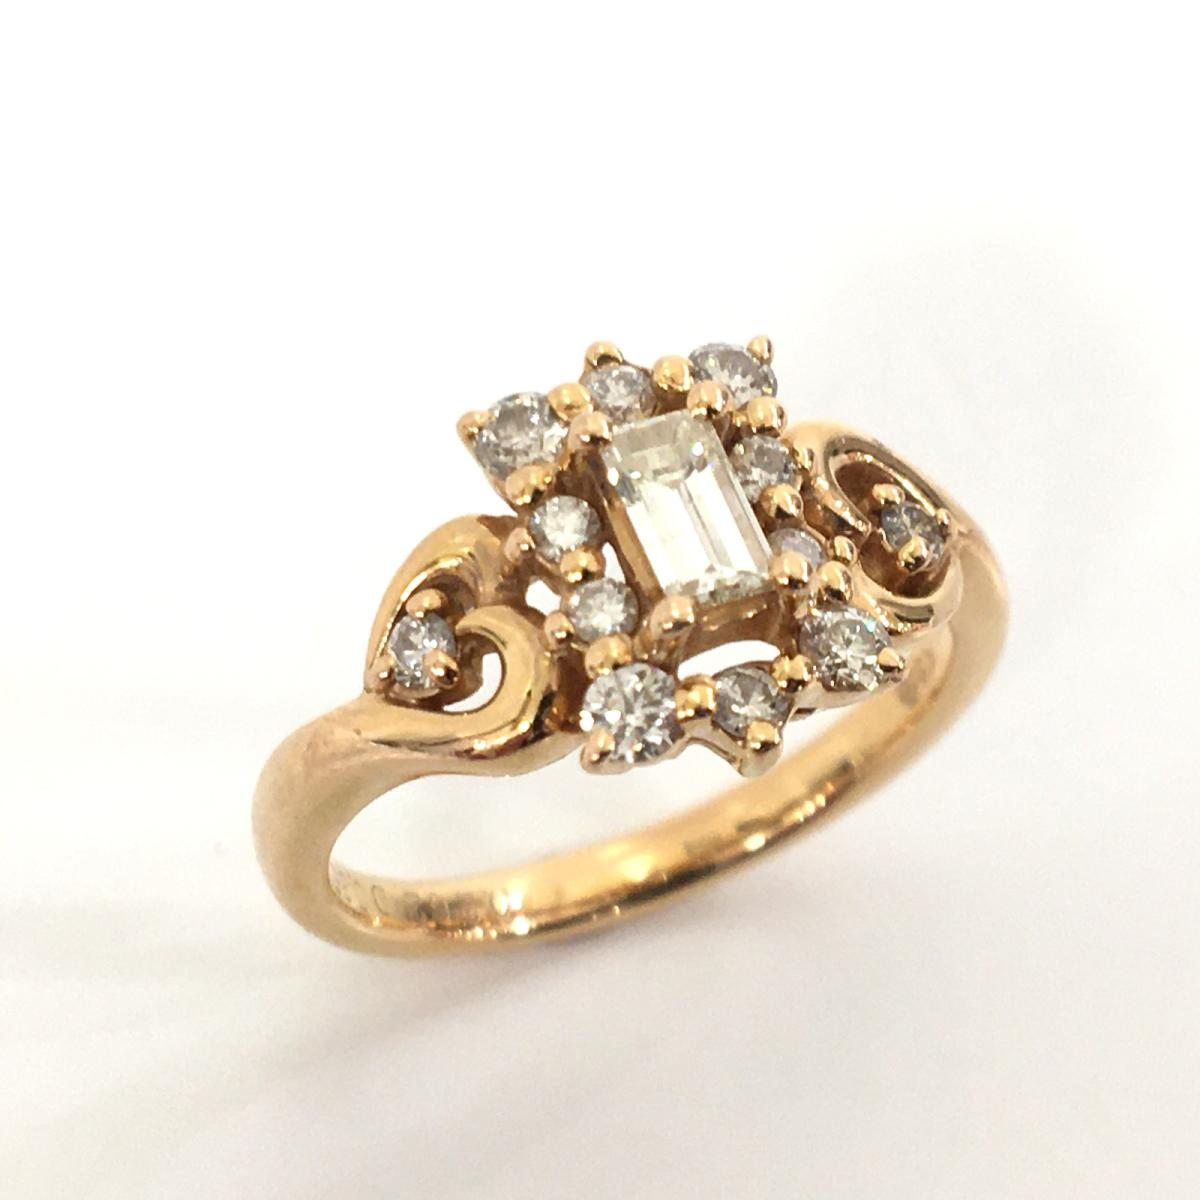 JEWELRY(ジュエリー)/ジュエリー ダイヤモンド 指輪 リング レディース/リング/白系/K18PG(750)ピンクゴールド×ダイヤモンド(0.262ct/0.35ct)/【ランクA】/13号【中古】